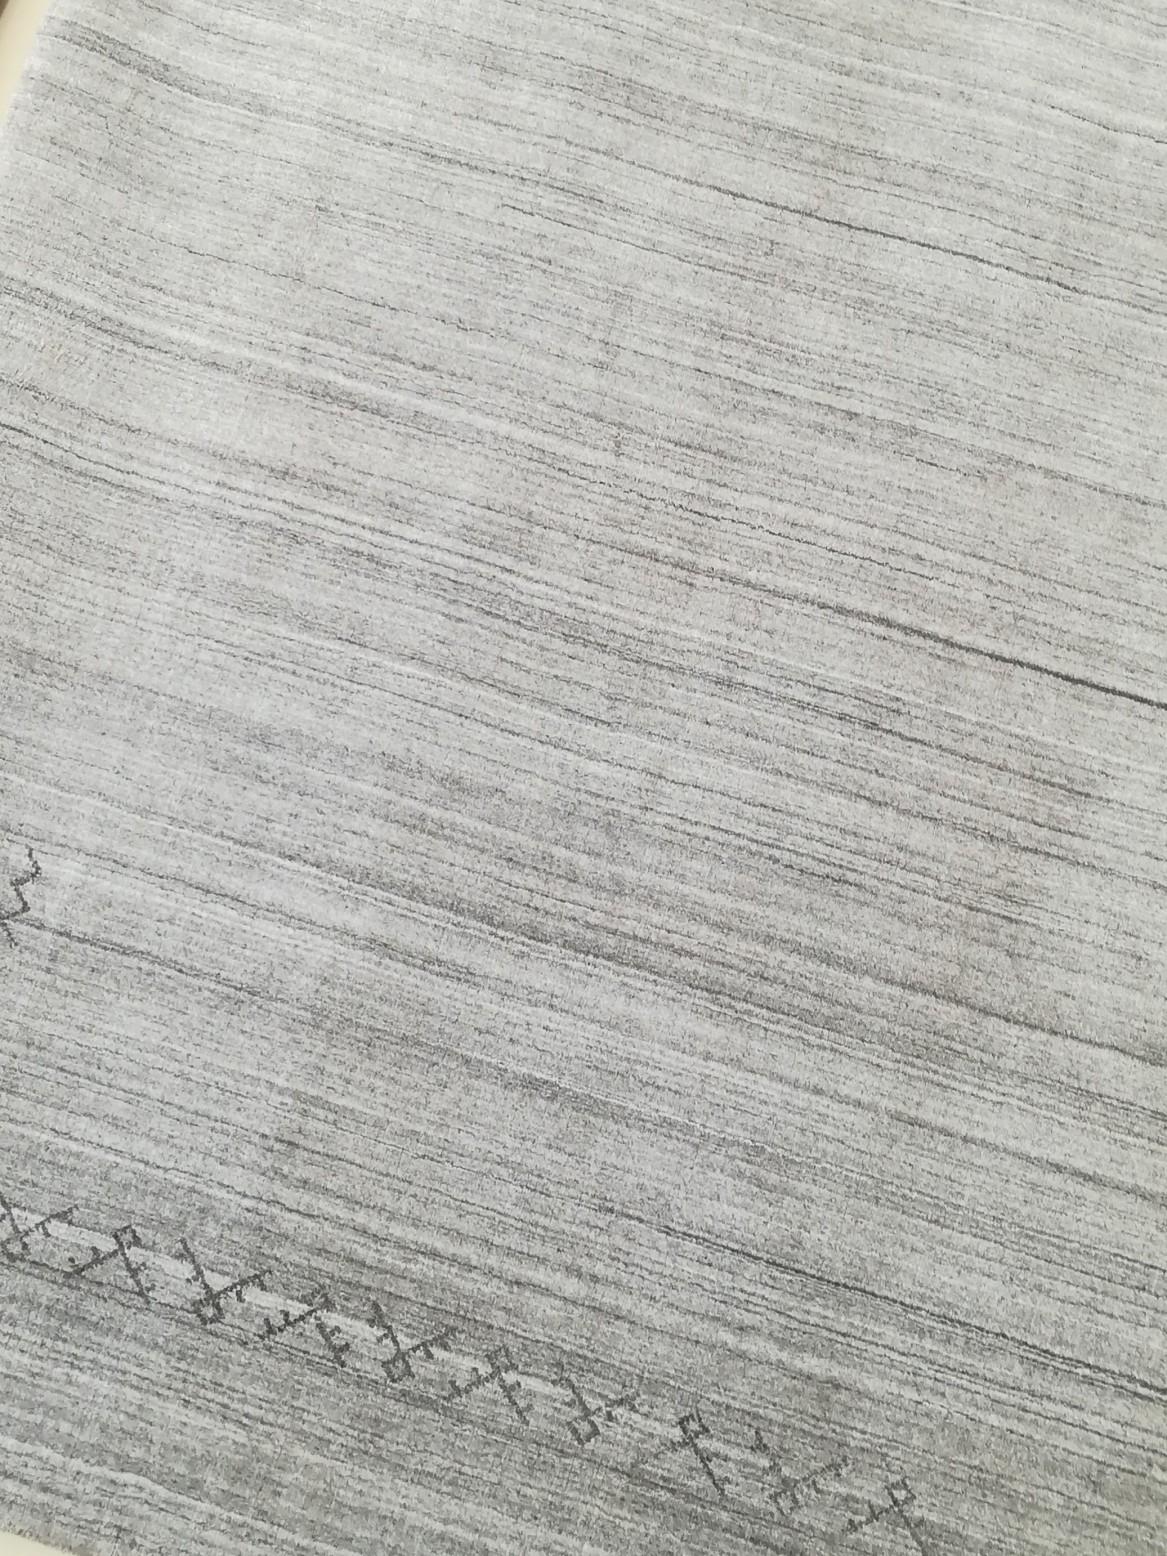 KARAG EXTRA DISEÑO 240 x 170 cm